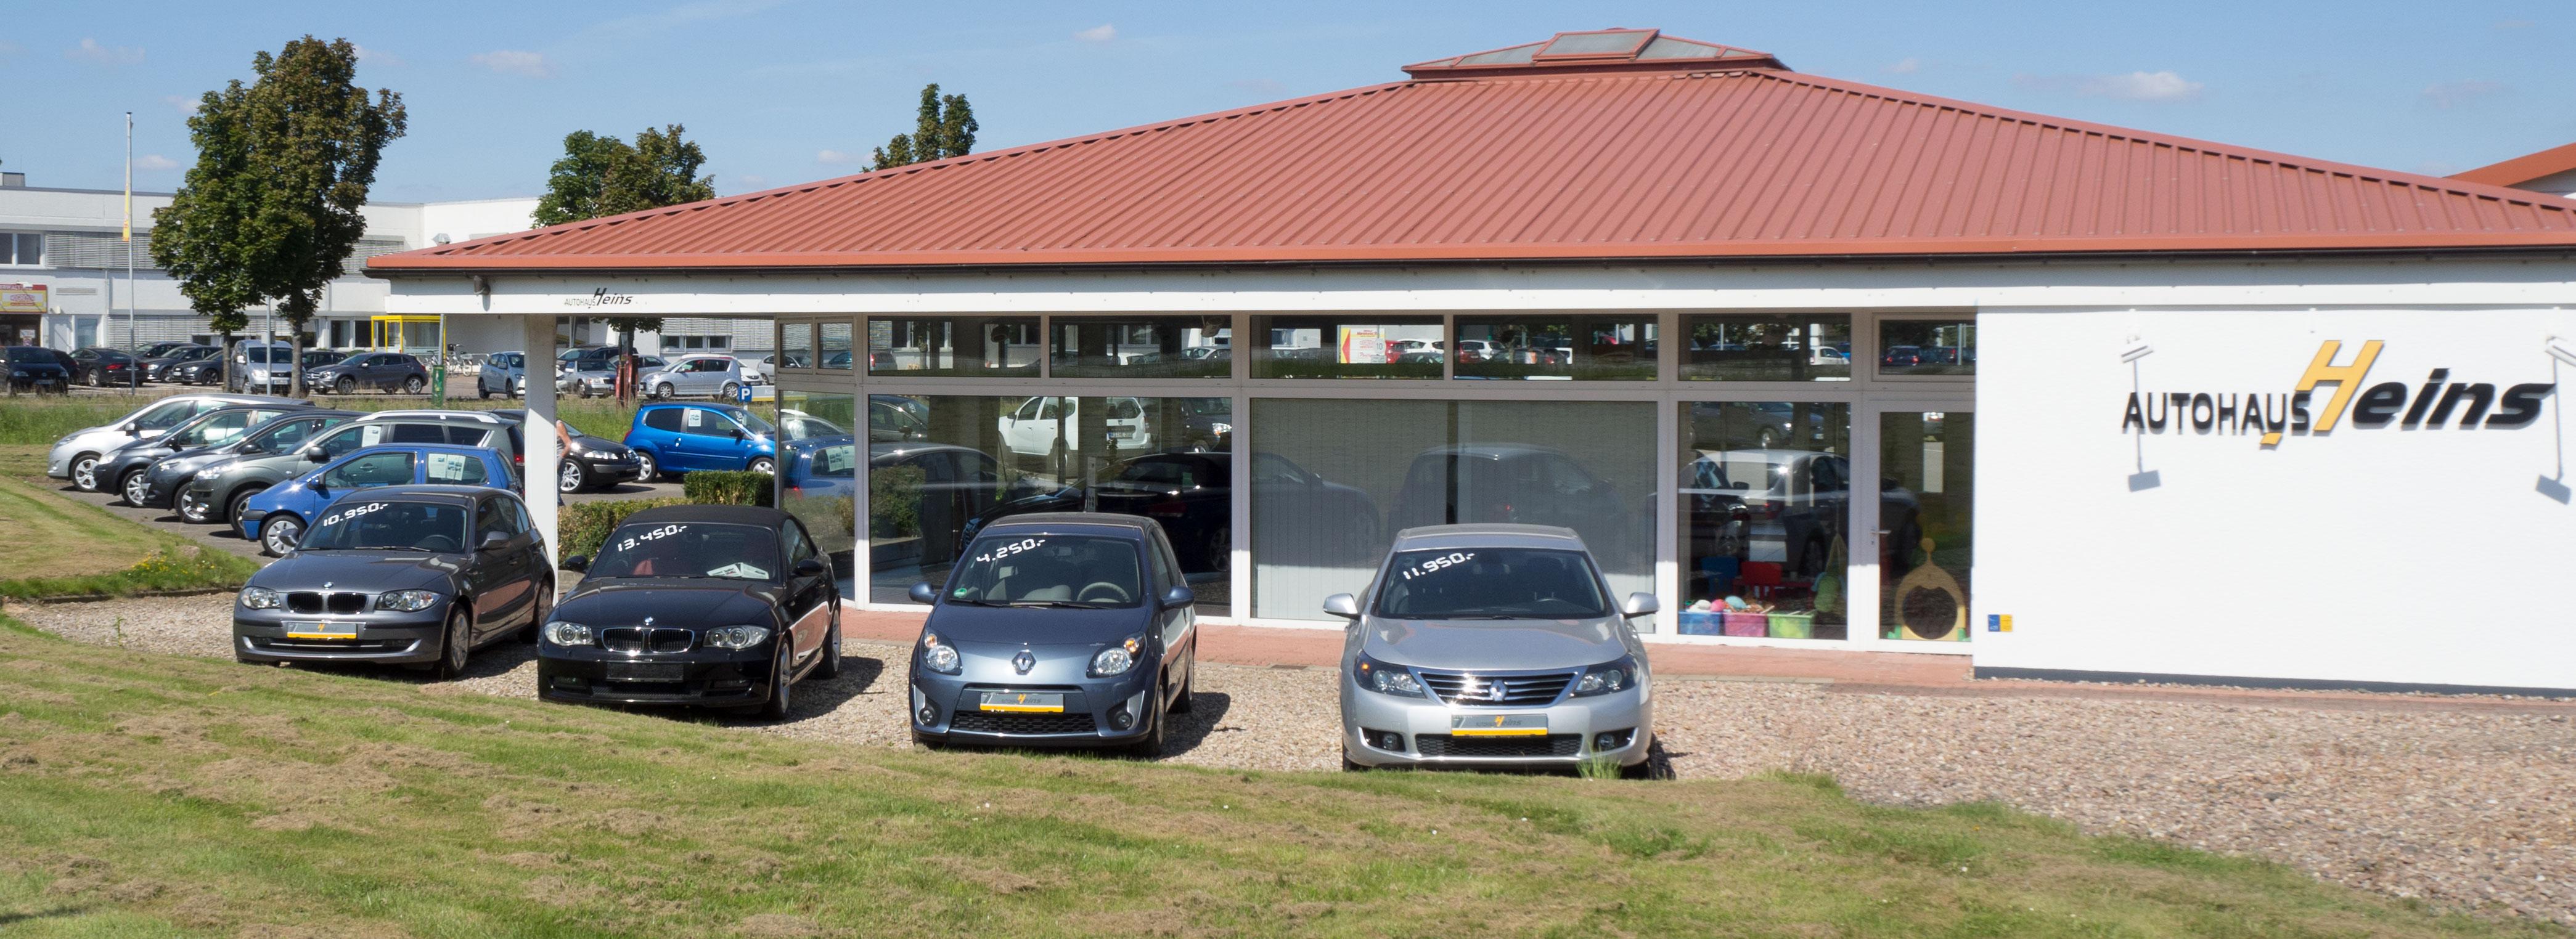 EU-Neufahrzeuge und günstige Gebrauchtwagen im Autohaus Heins in Stadthagen